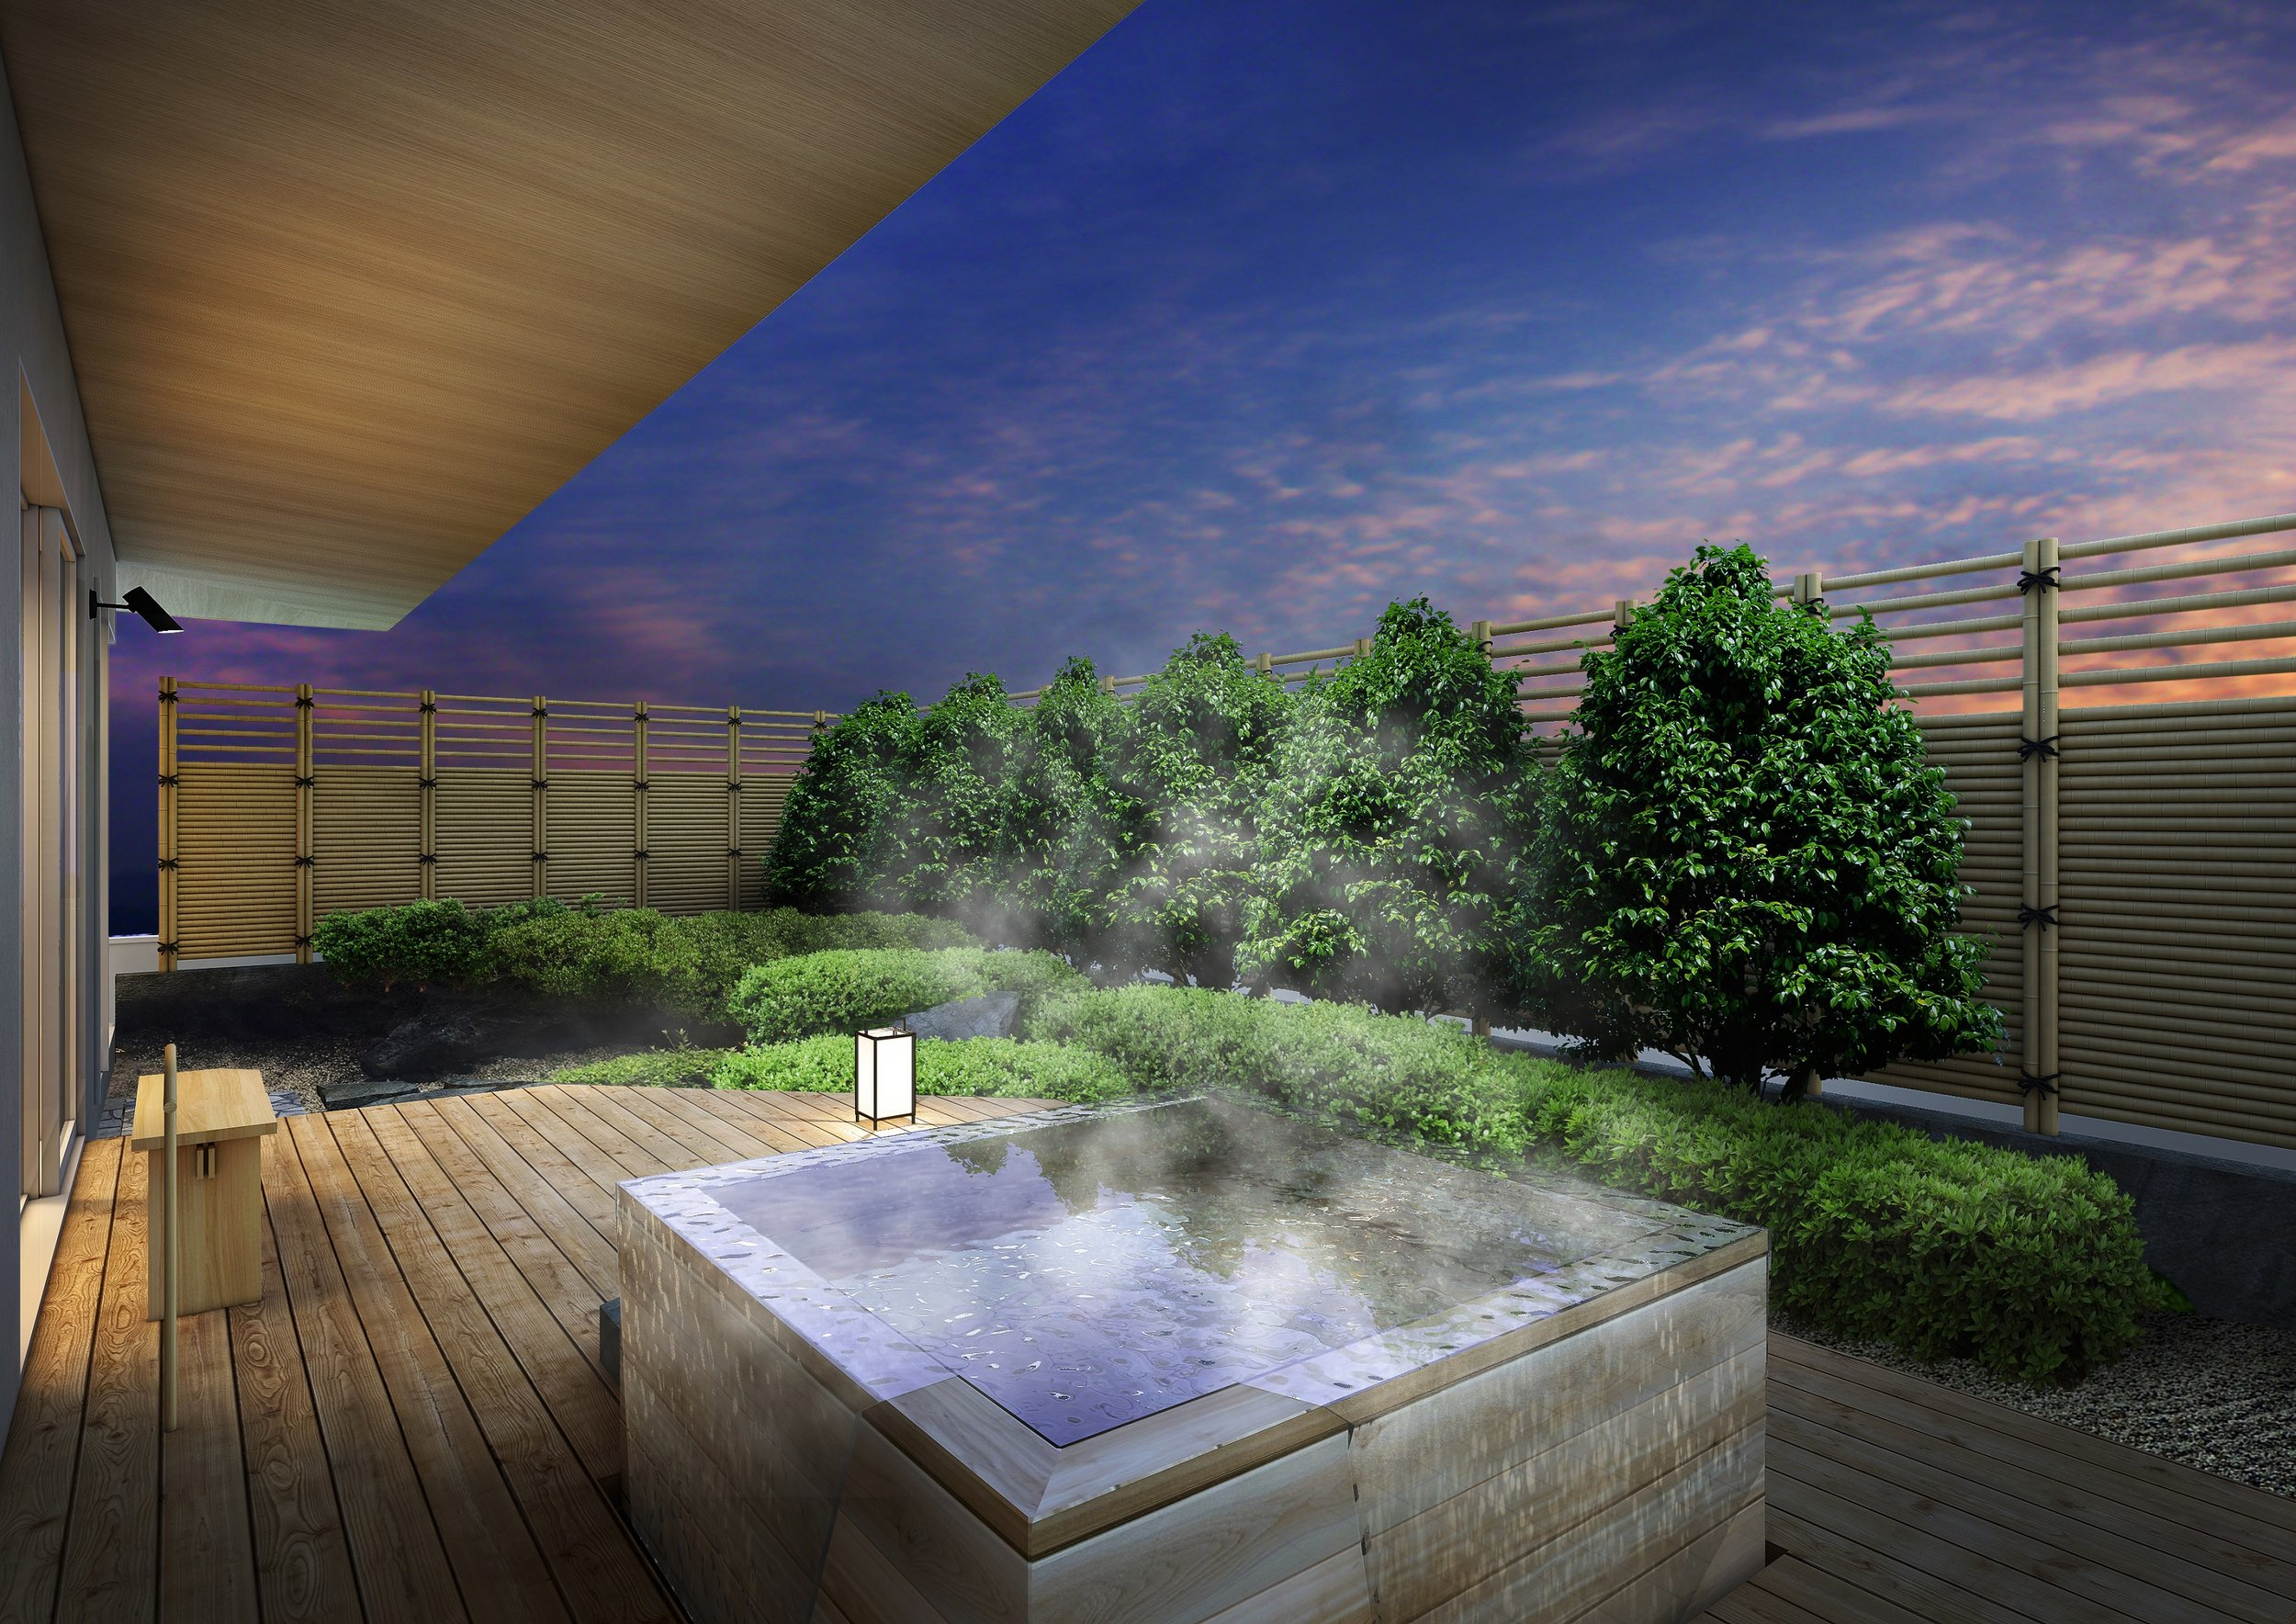 Photo Credit: Hoshino Resorts